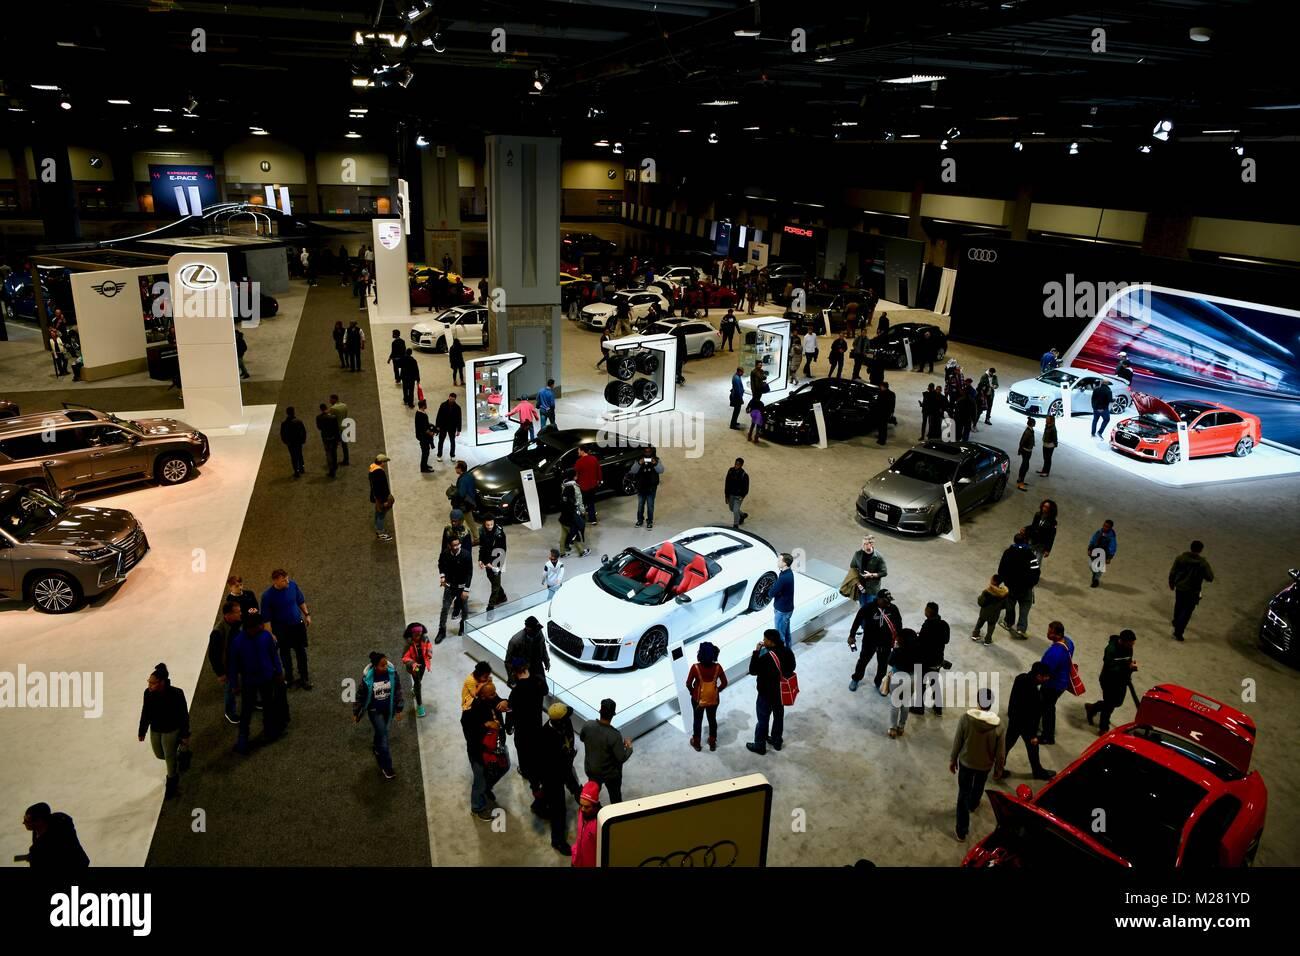 Indoor Car Show Stock Photos Indoor Car Show Stock Images Alamy - Washington dc car show 2018